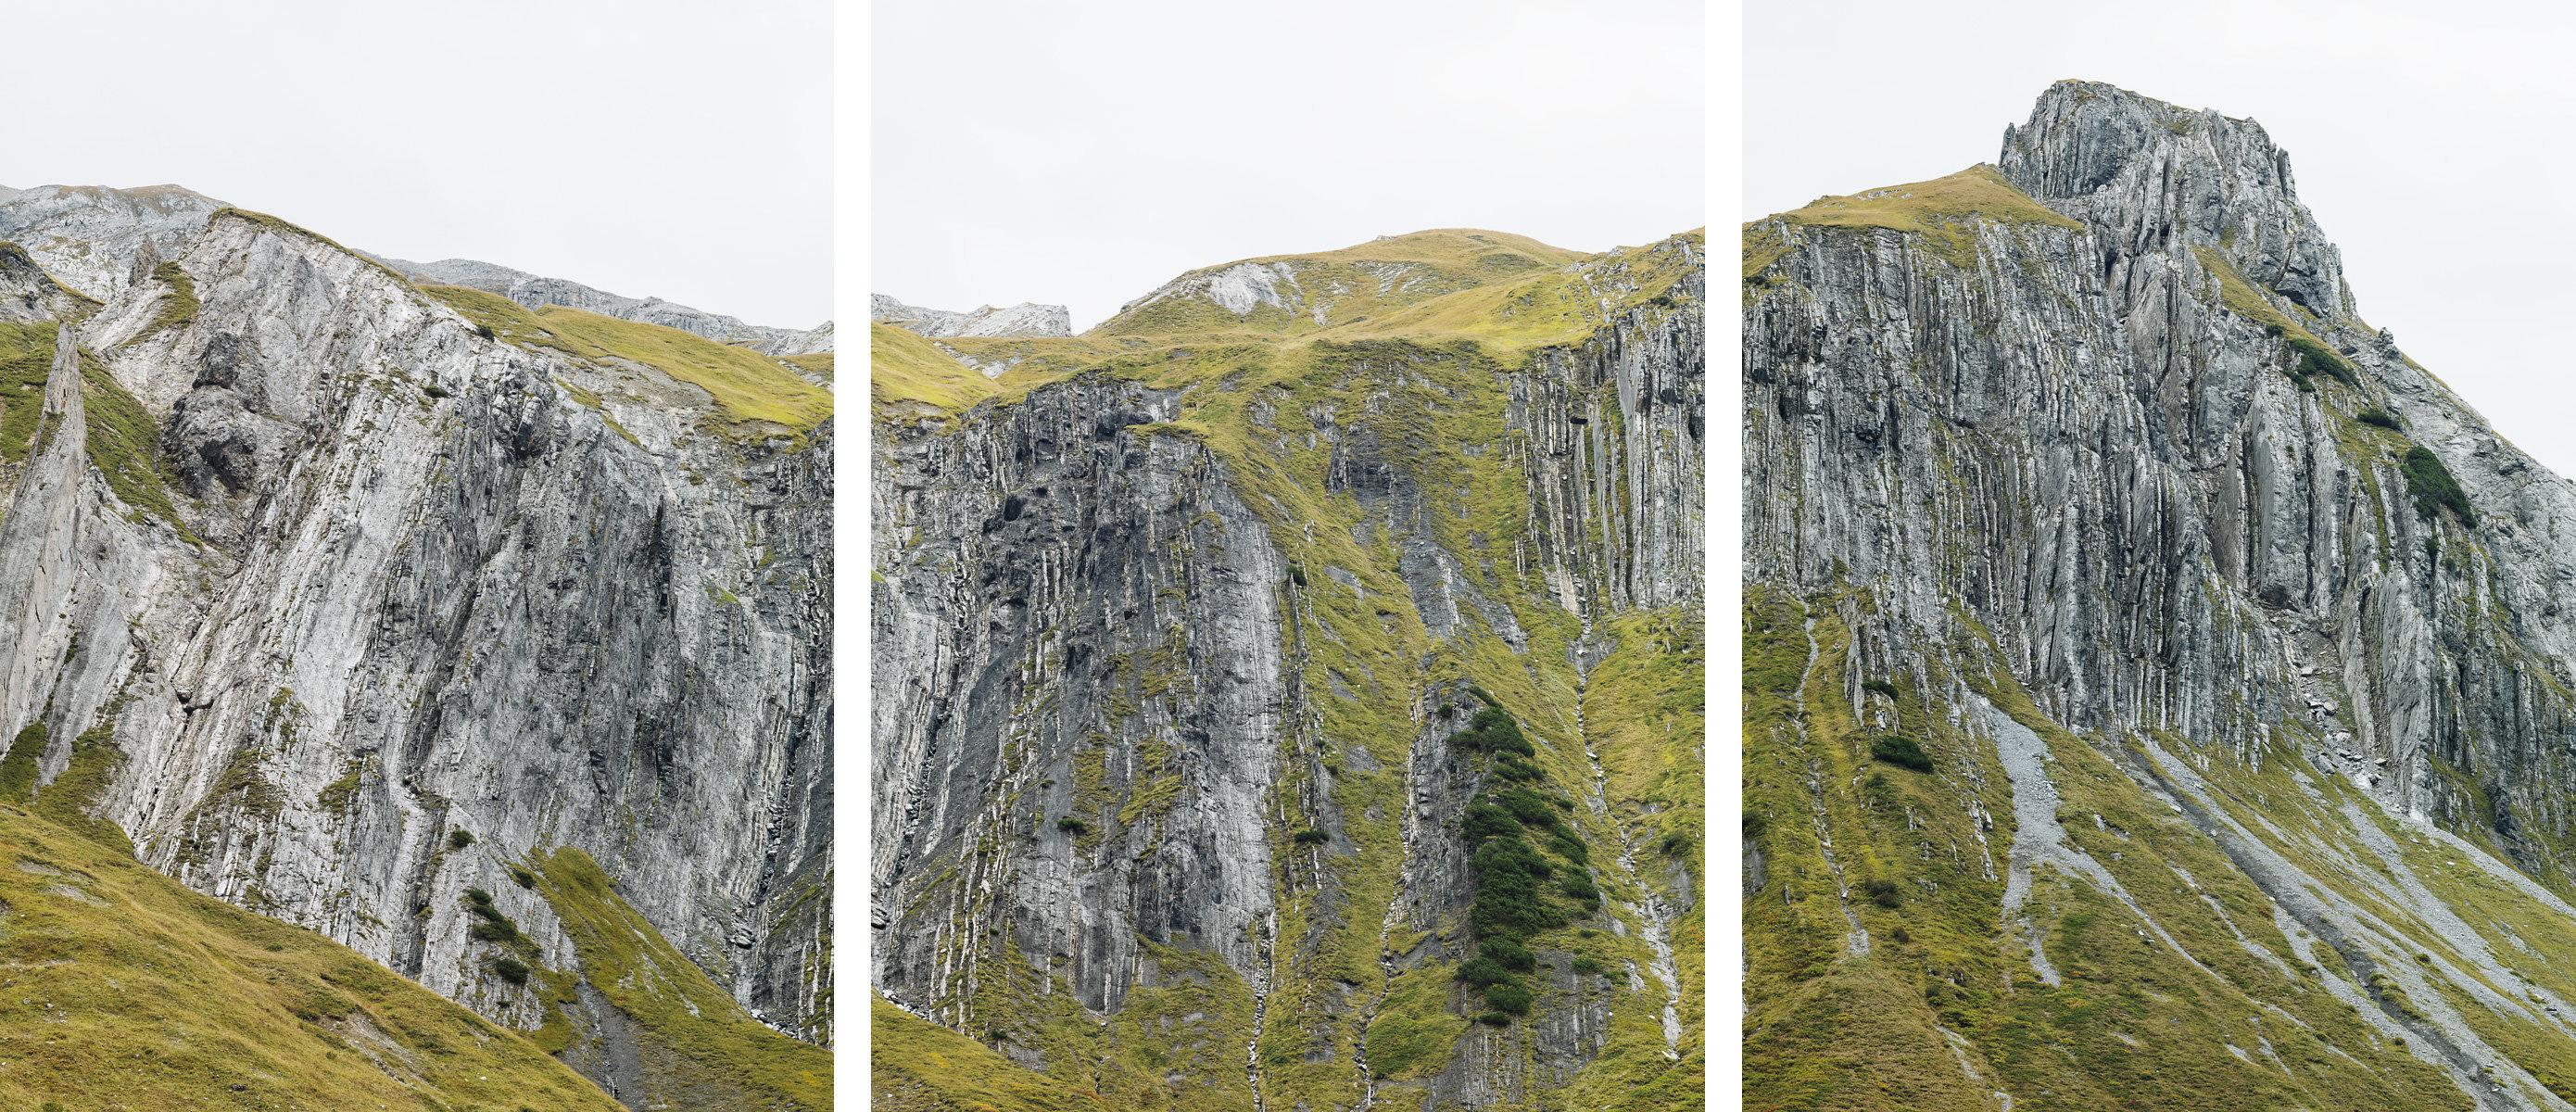 Hoch.Land, Triptychon